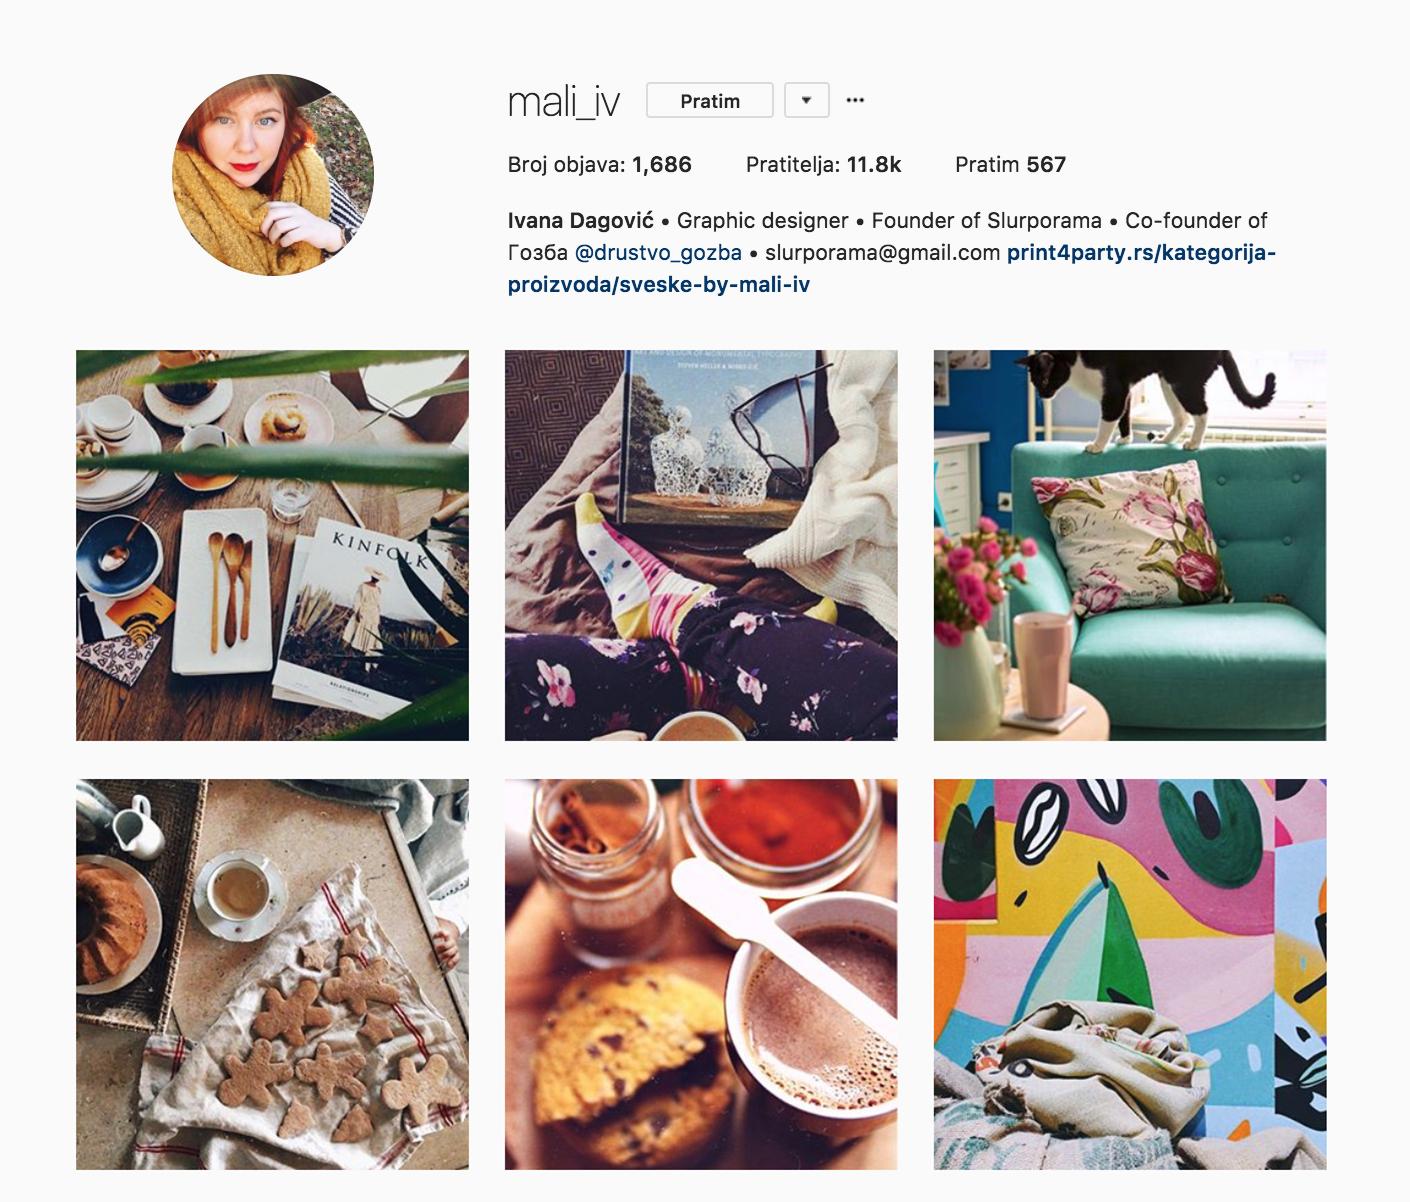 mali iv instagram